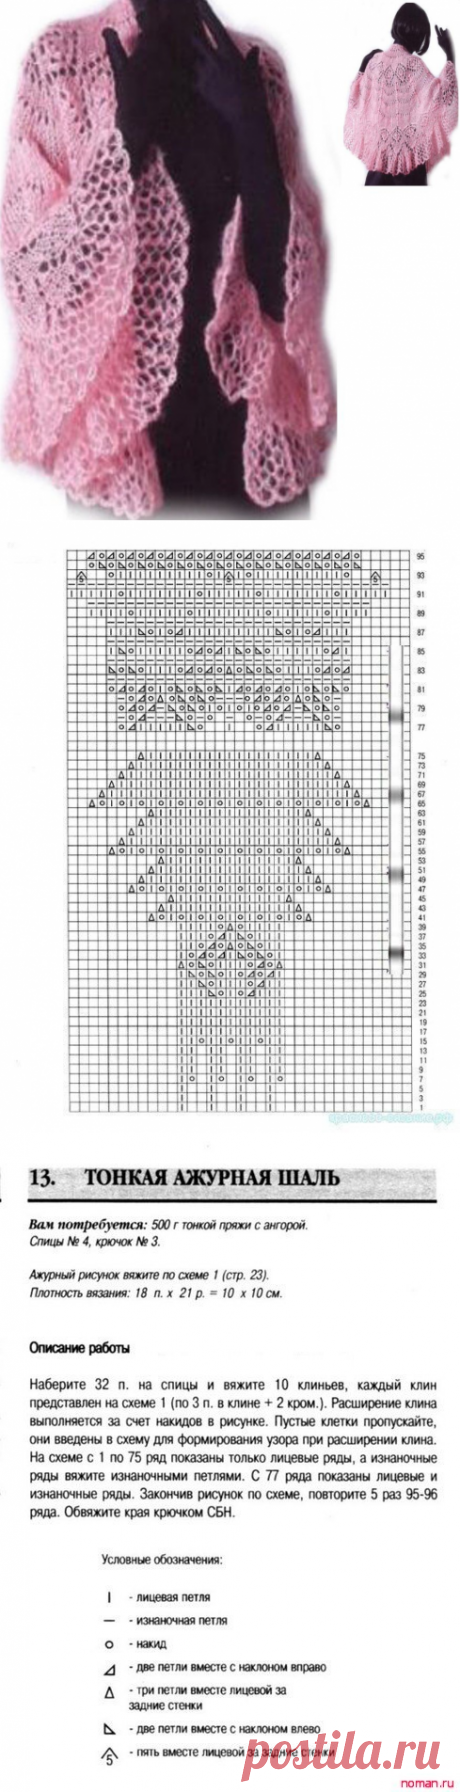 Замечательная тонкая ажурная накидка спицами — Сделай сам, идеи для творчества - DIY Ideas